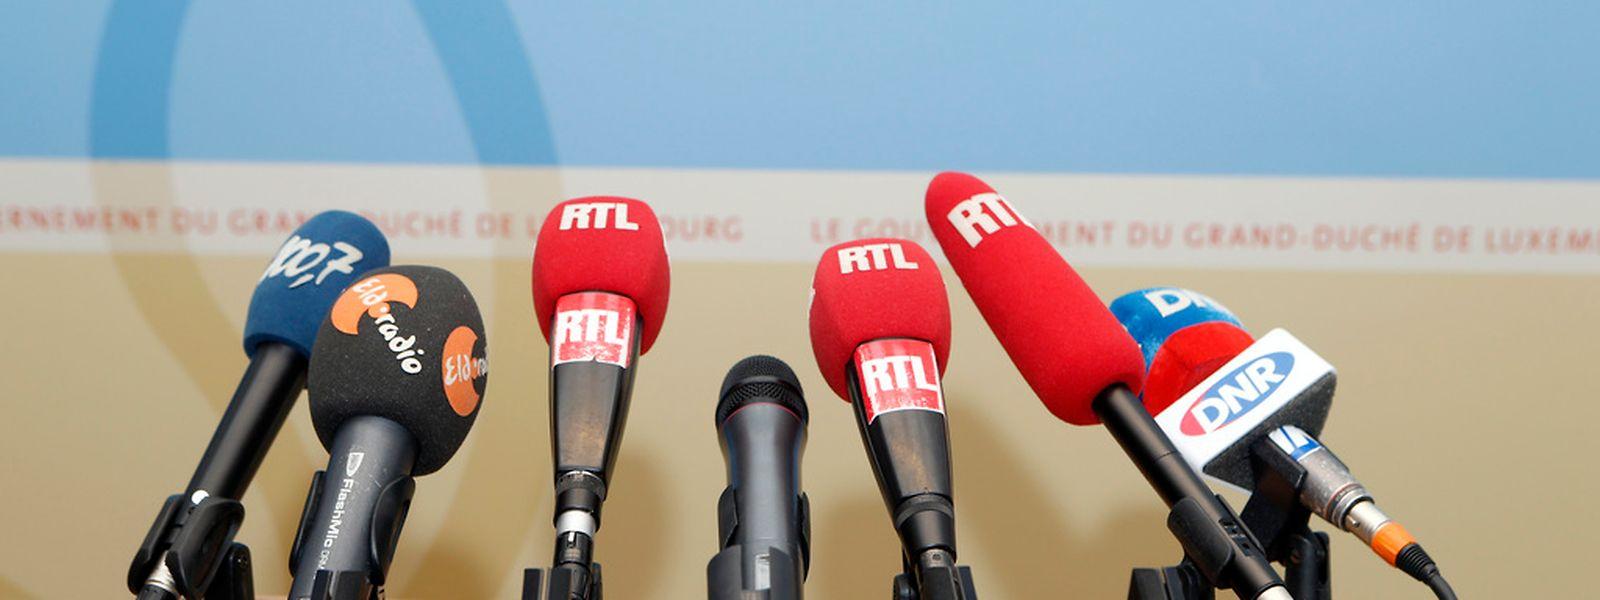 Die nationale Radioszene ist nicht so vielfätig wie das Bunt der Mikrofone vermuten lässt.